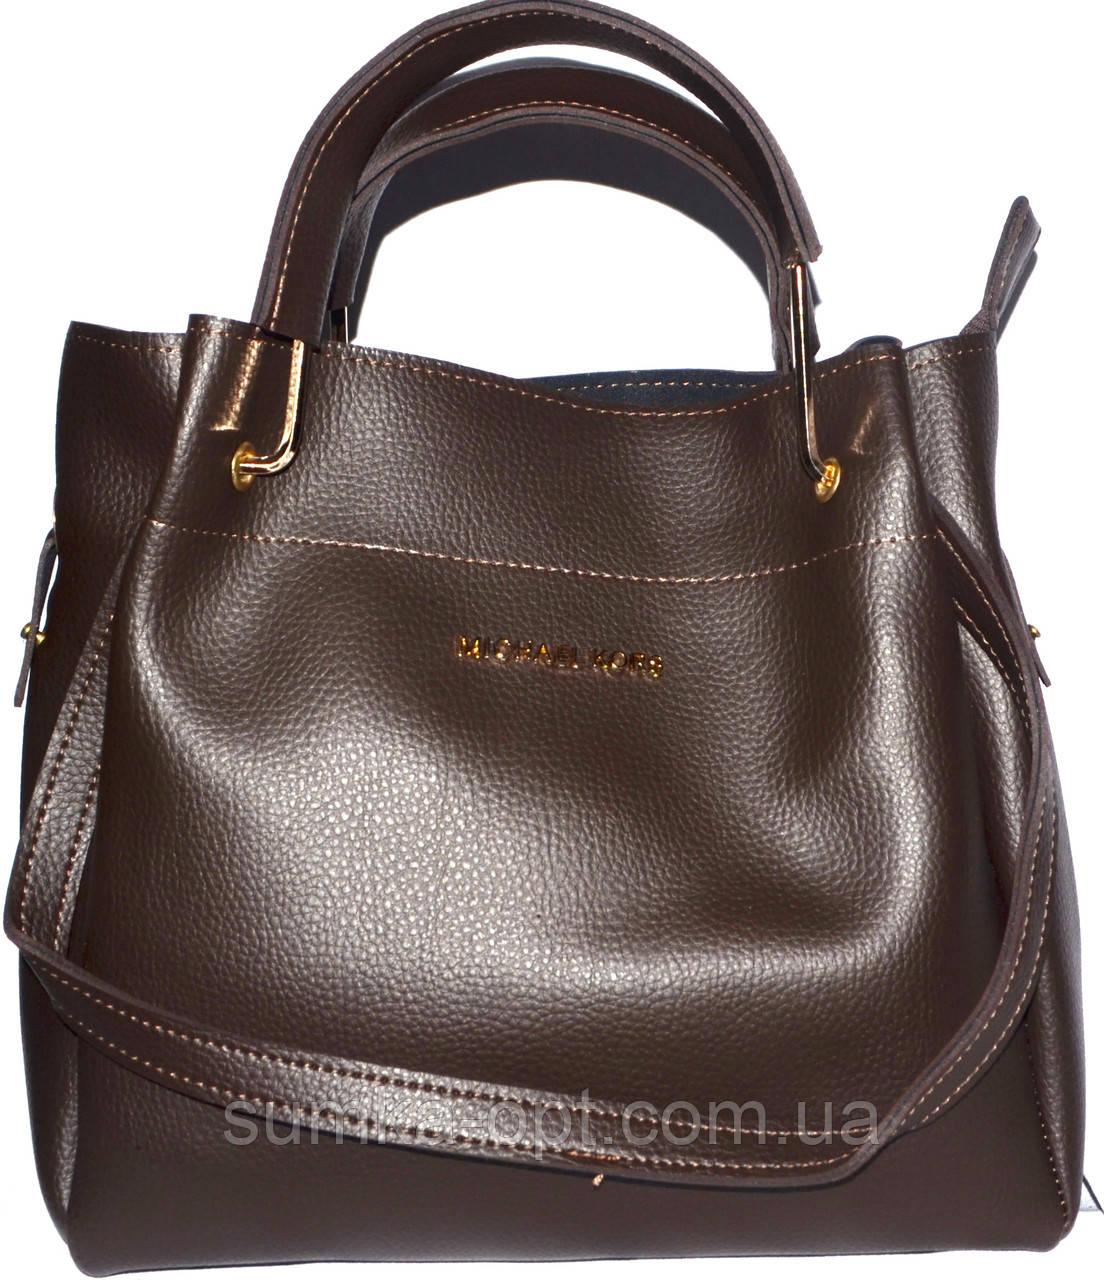 Женские сумки эко кожа 2-в-1 (каштан)30 33 - e386447ff7c5e